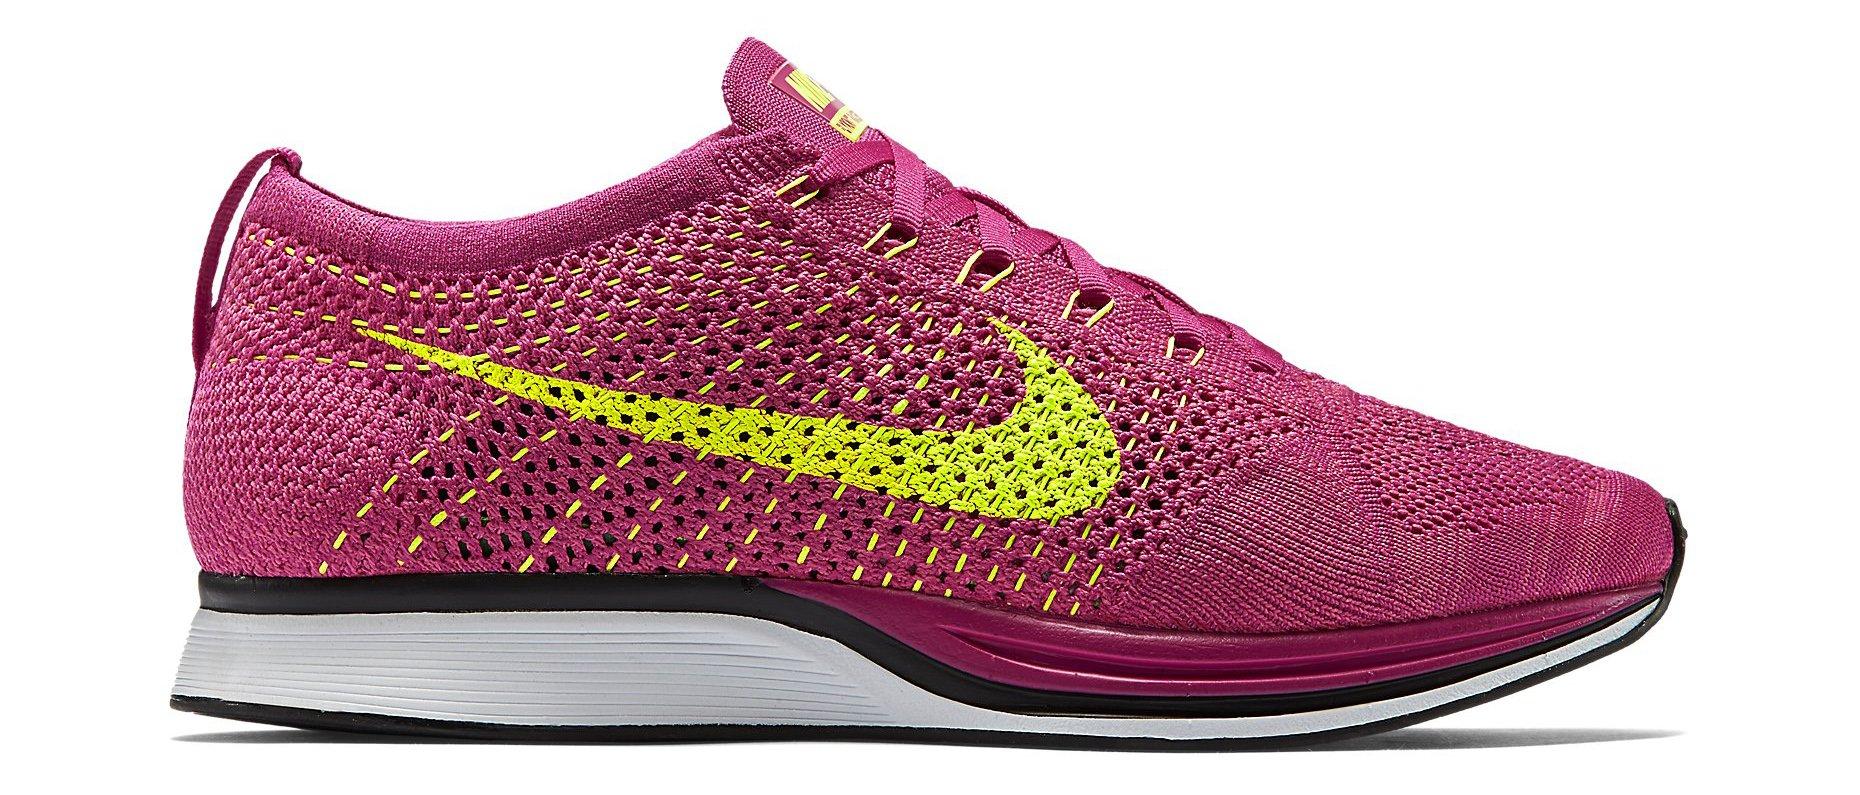 Běžecká obuv Nike Flyknit Racer